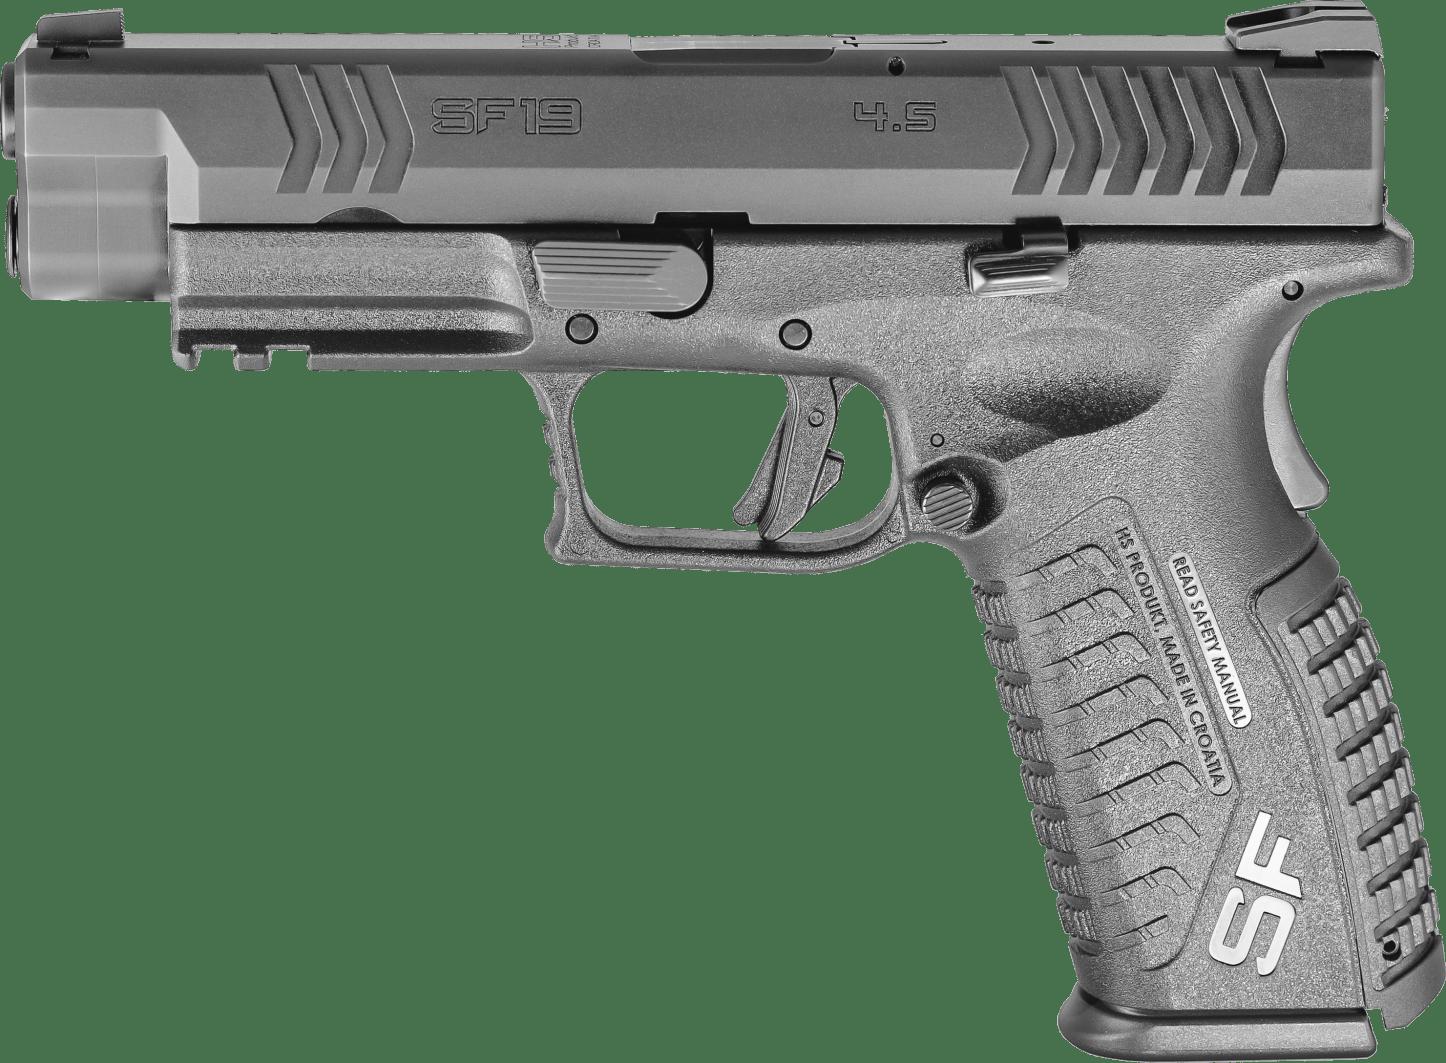 PSA HS PRODUKT SF19 4.5 Cal 9mm